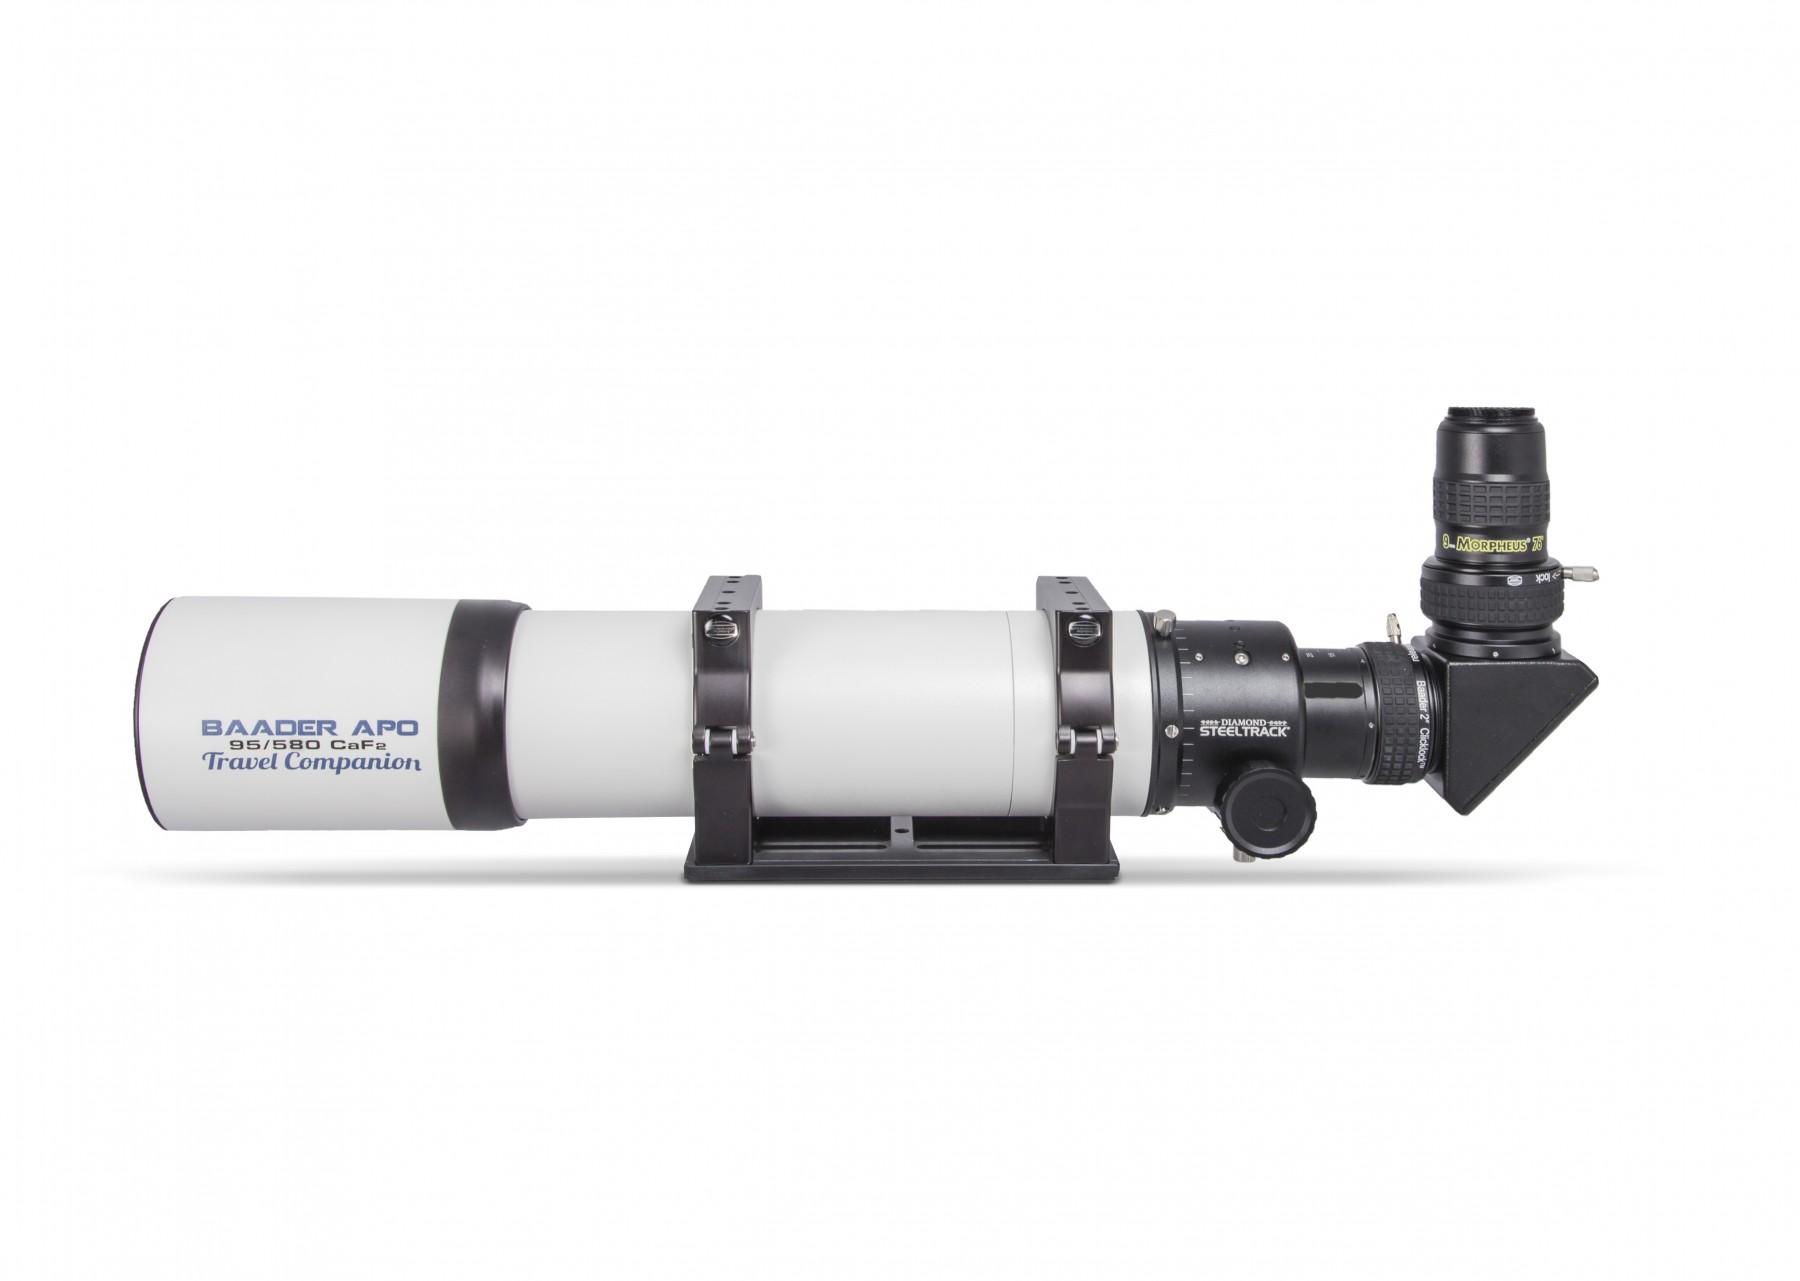 Anwendungsbild: Baader APO mit S58 ClickLock, BBHS Zenitspiegel und 9mm Morpheus Weitwinkel Okular